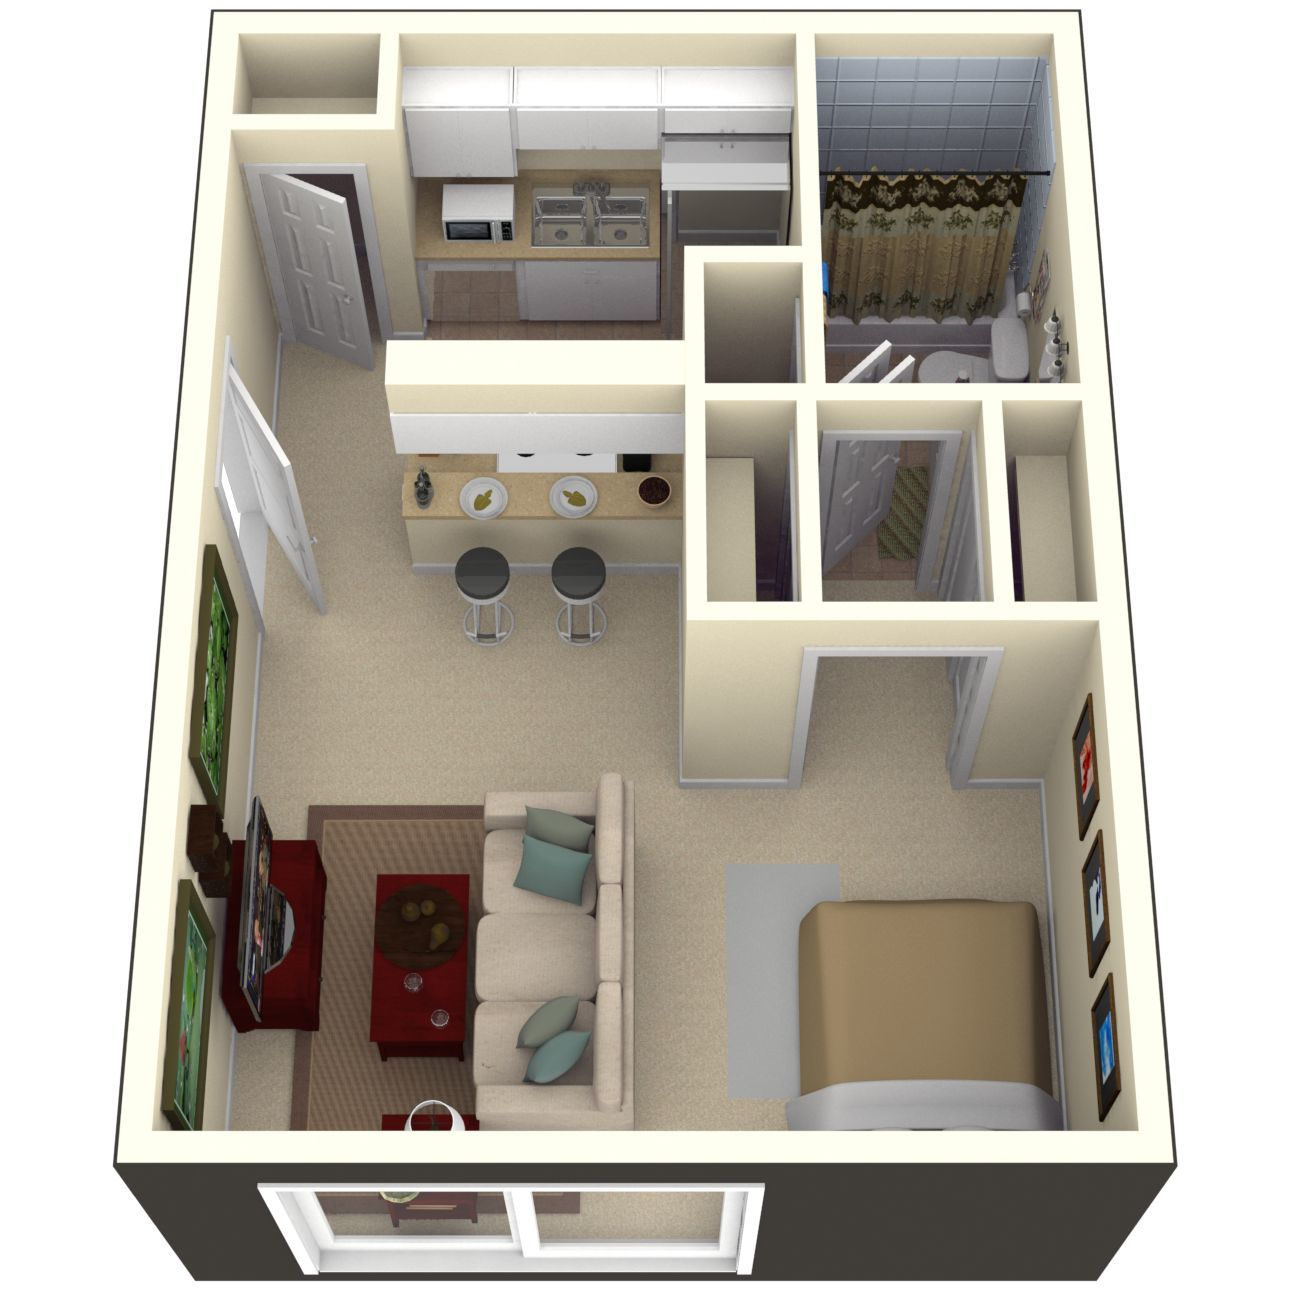 2 Bedroom Apartments Tampa home design ideas. 2 Bedroom Apartments Tampa home design ideas   A1houston com